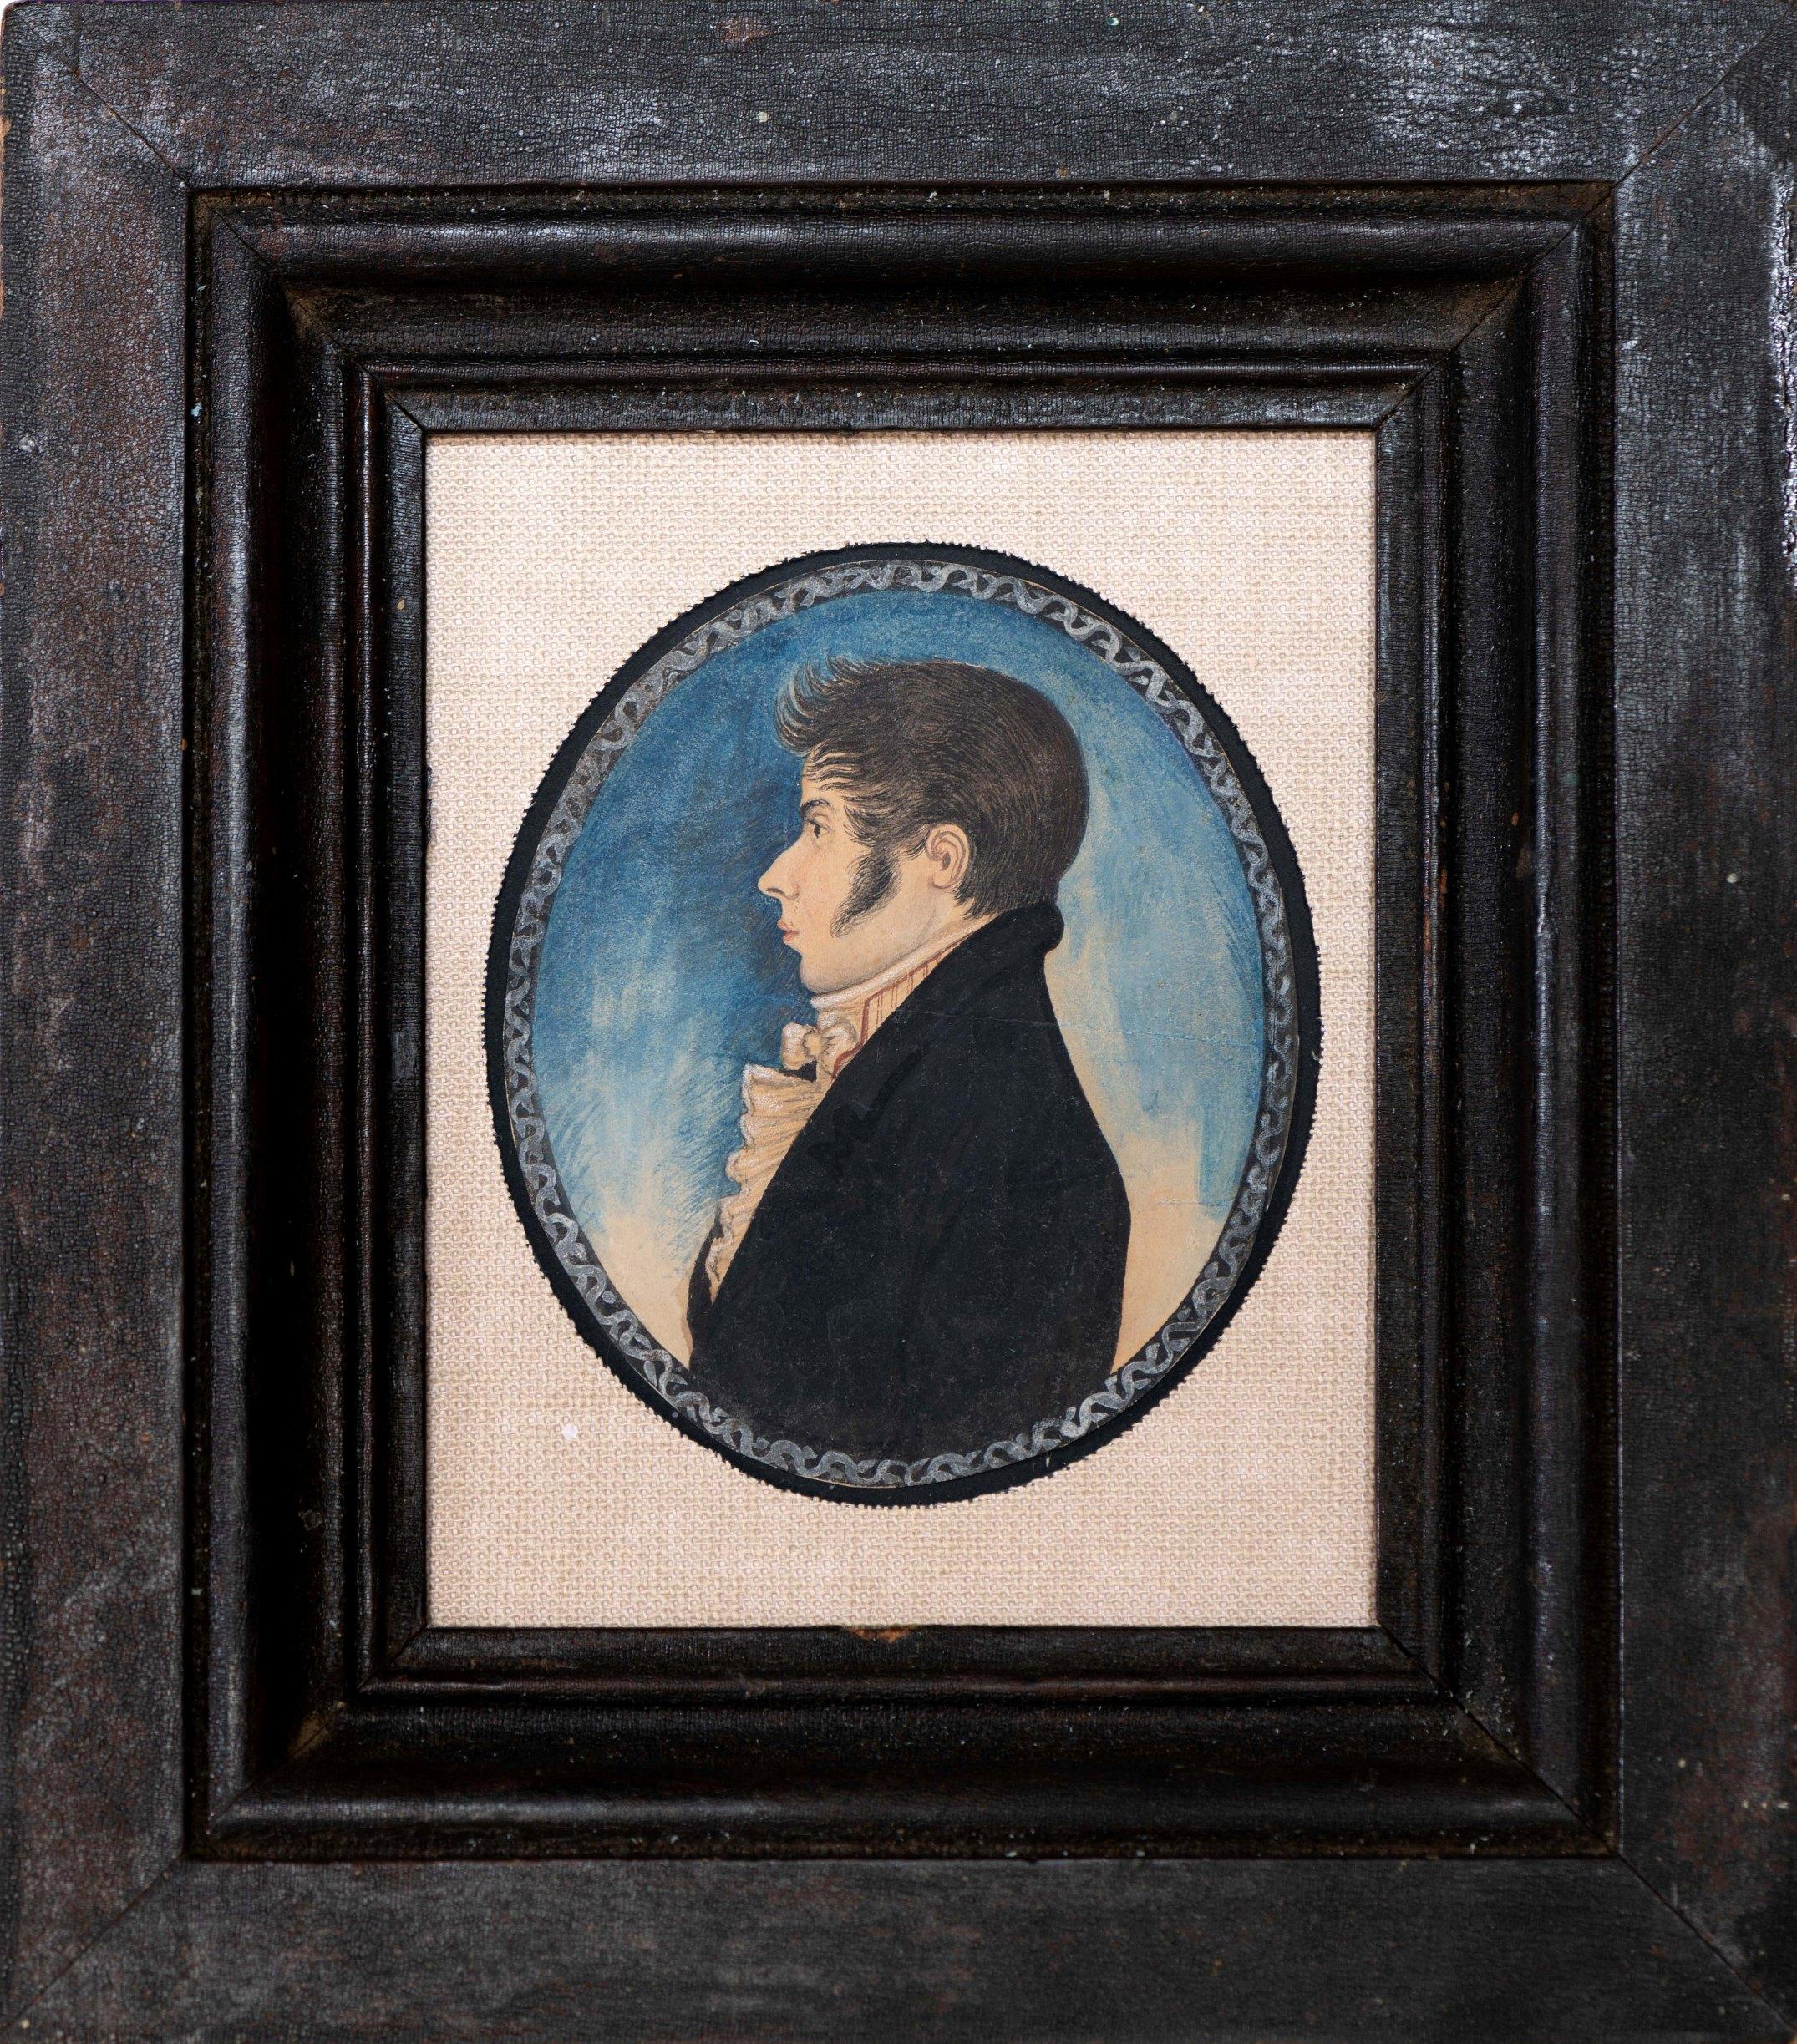 miniature watercolor profile portrait rel=